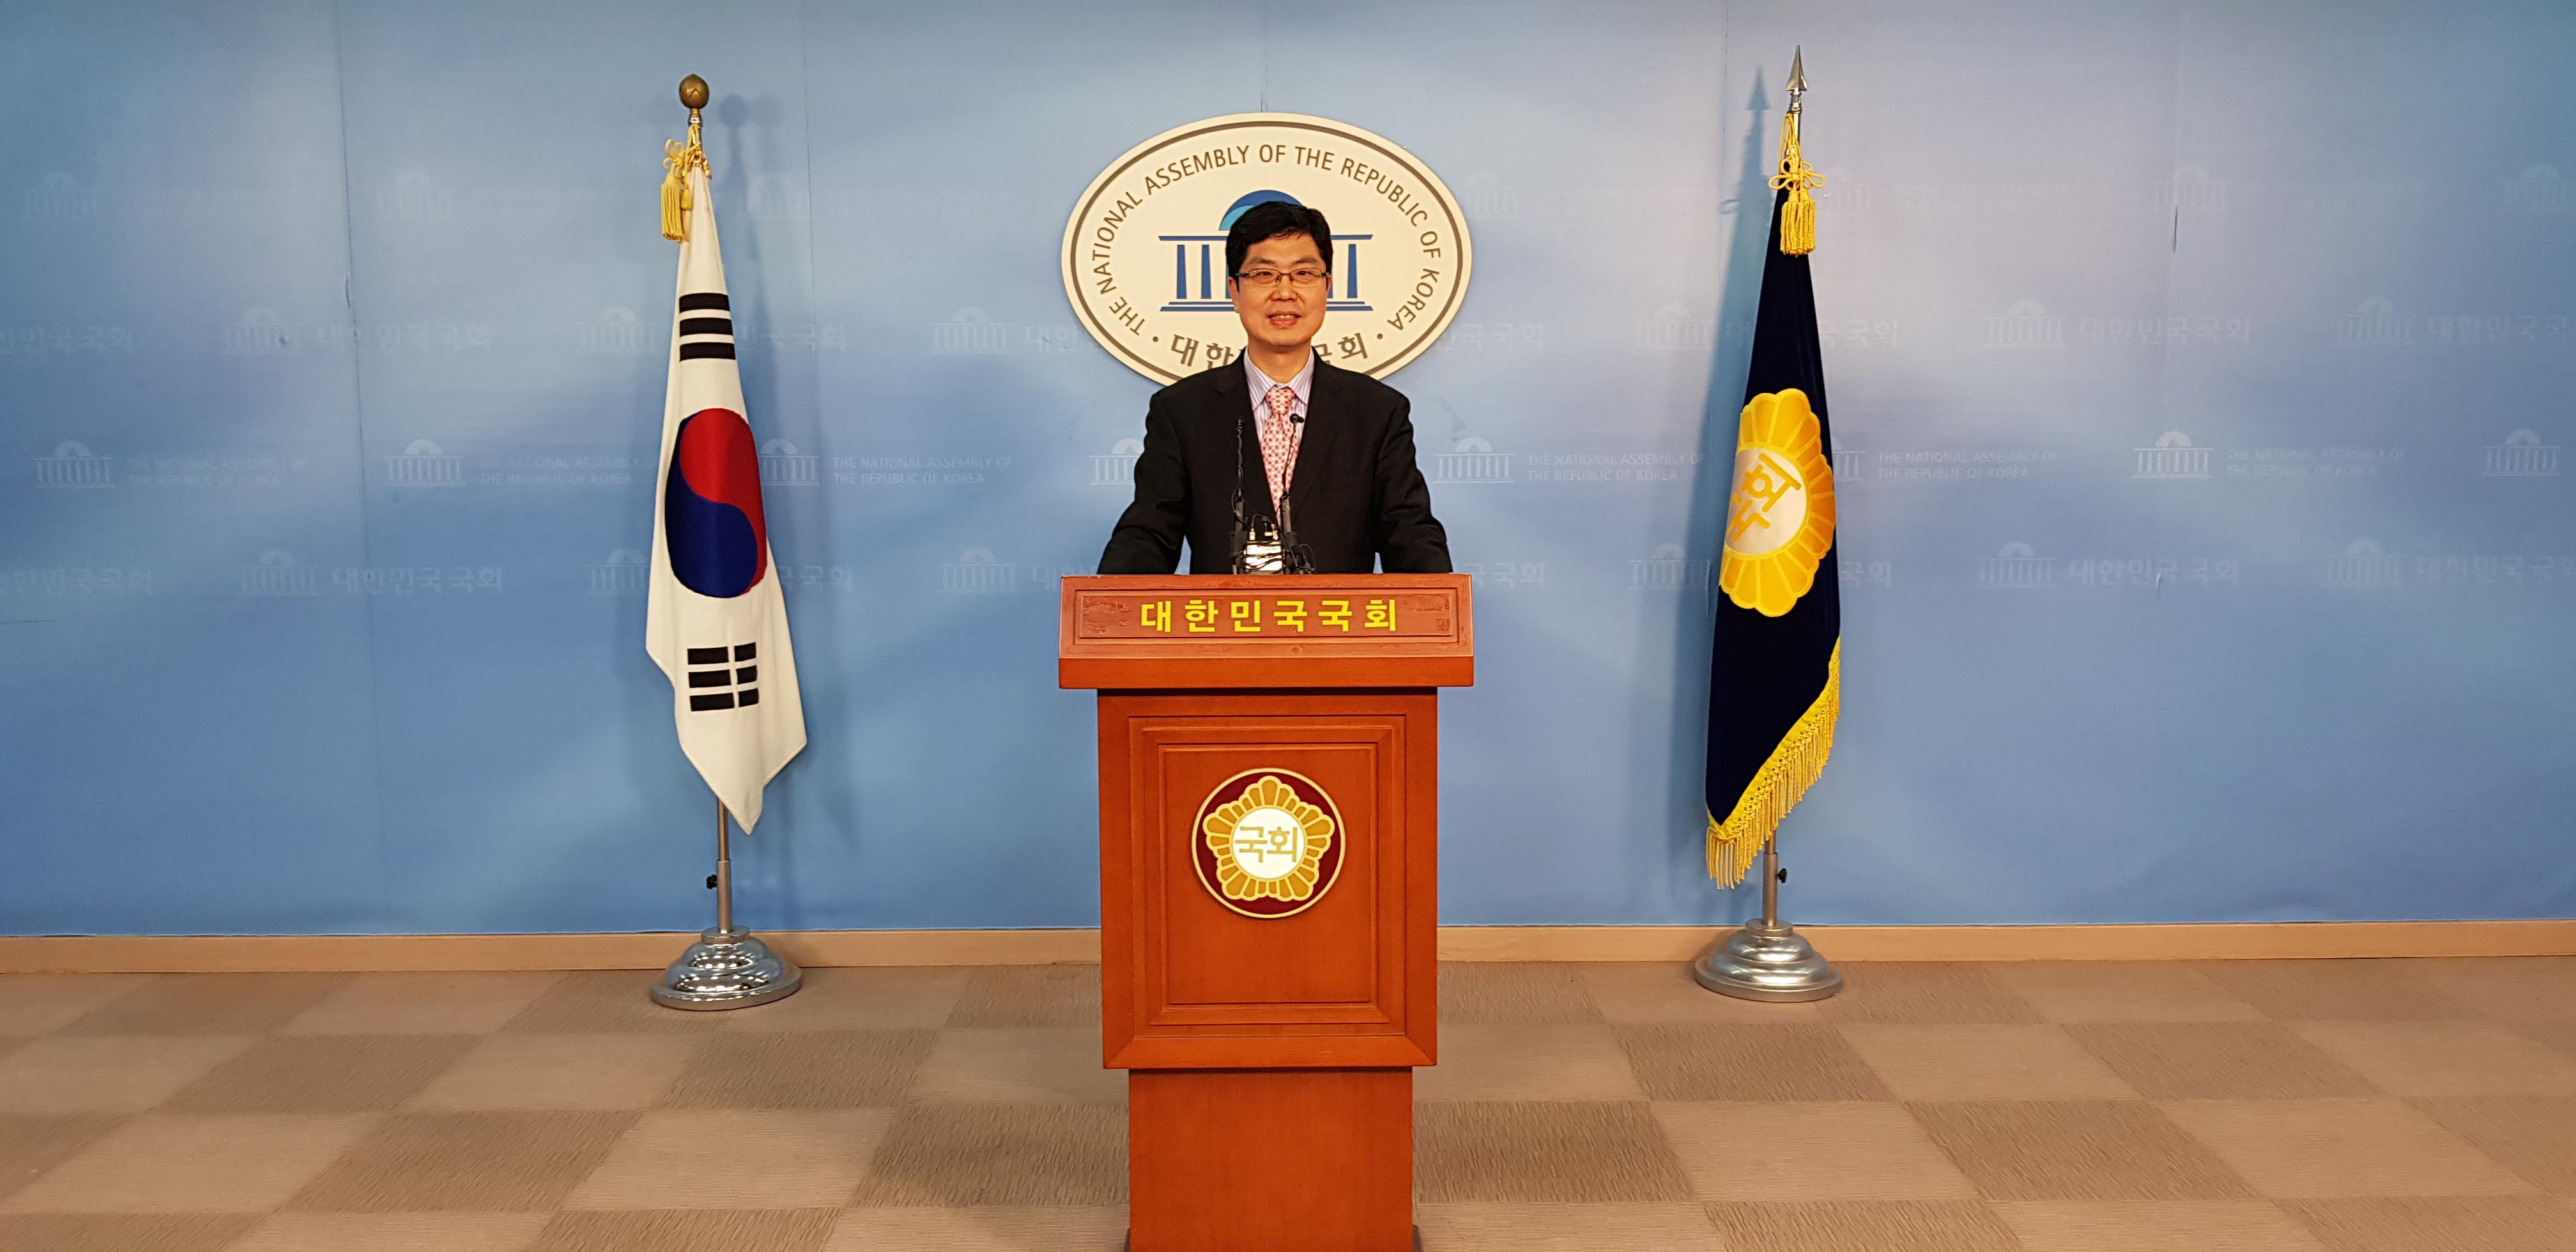 박동명 위원장, 국회 정론관에서 발표